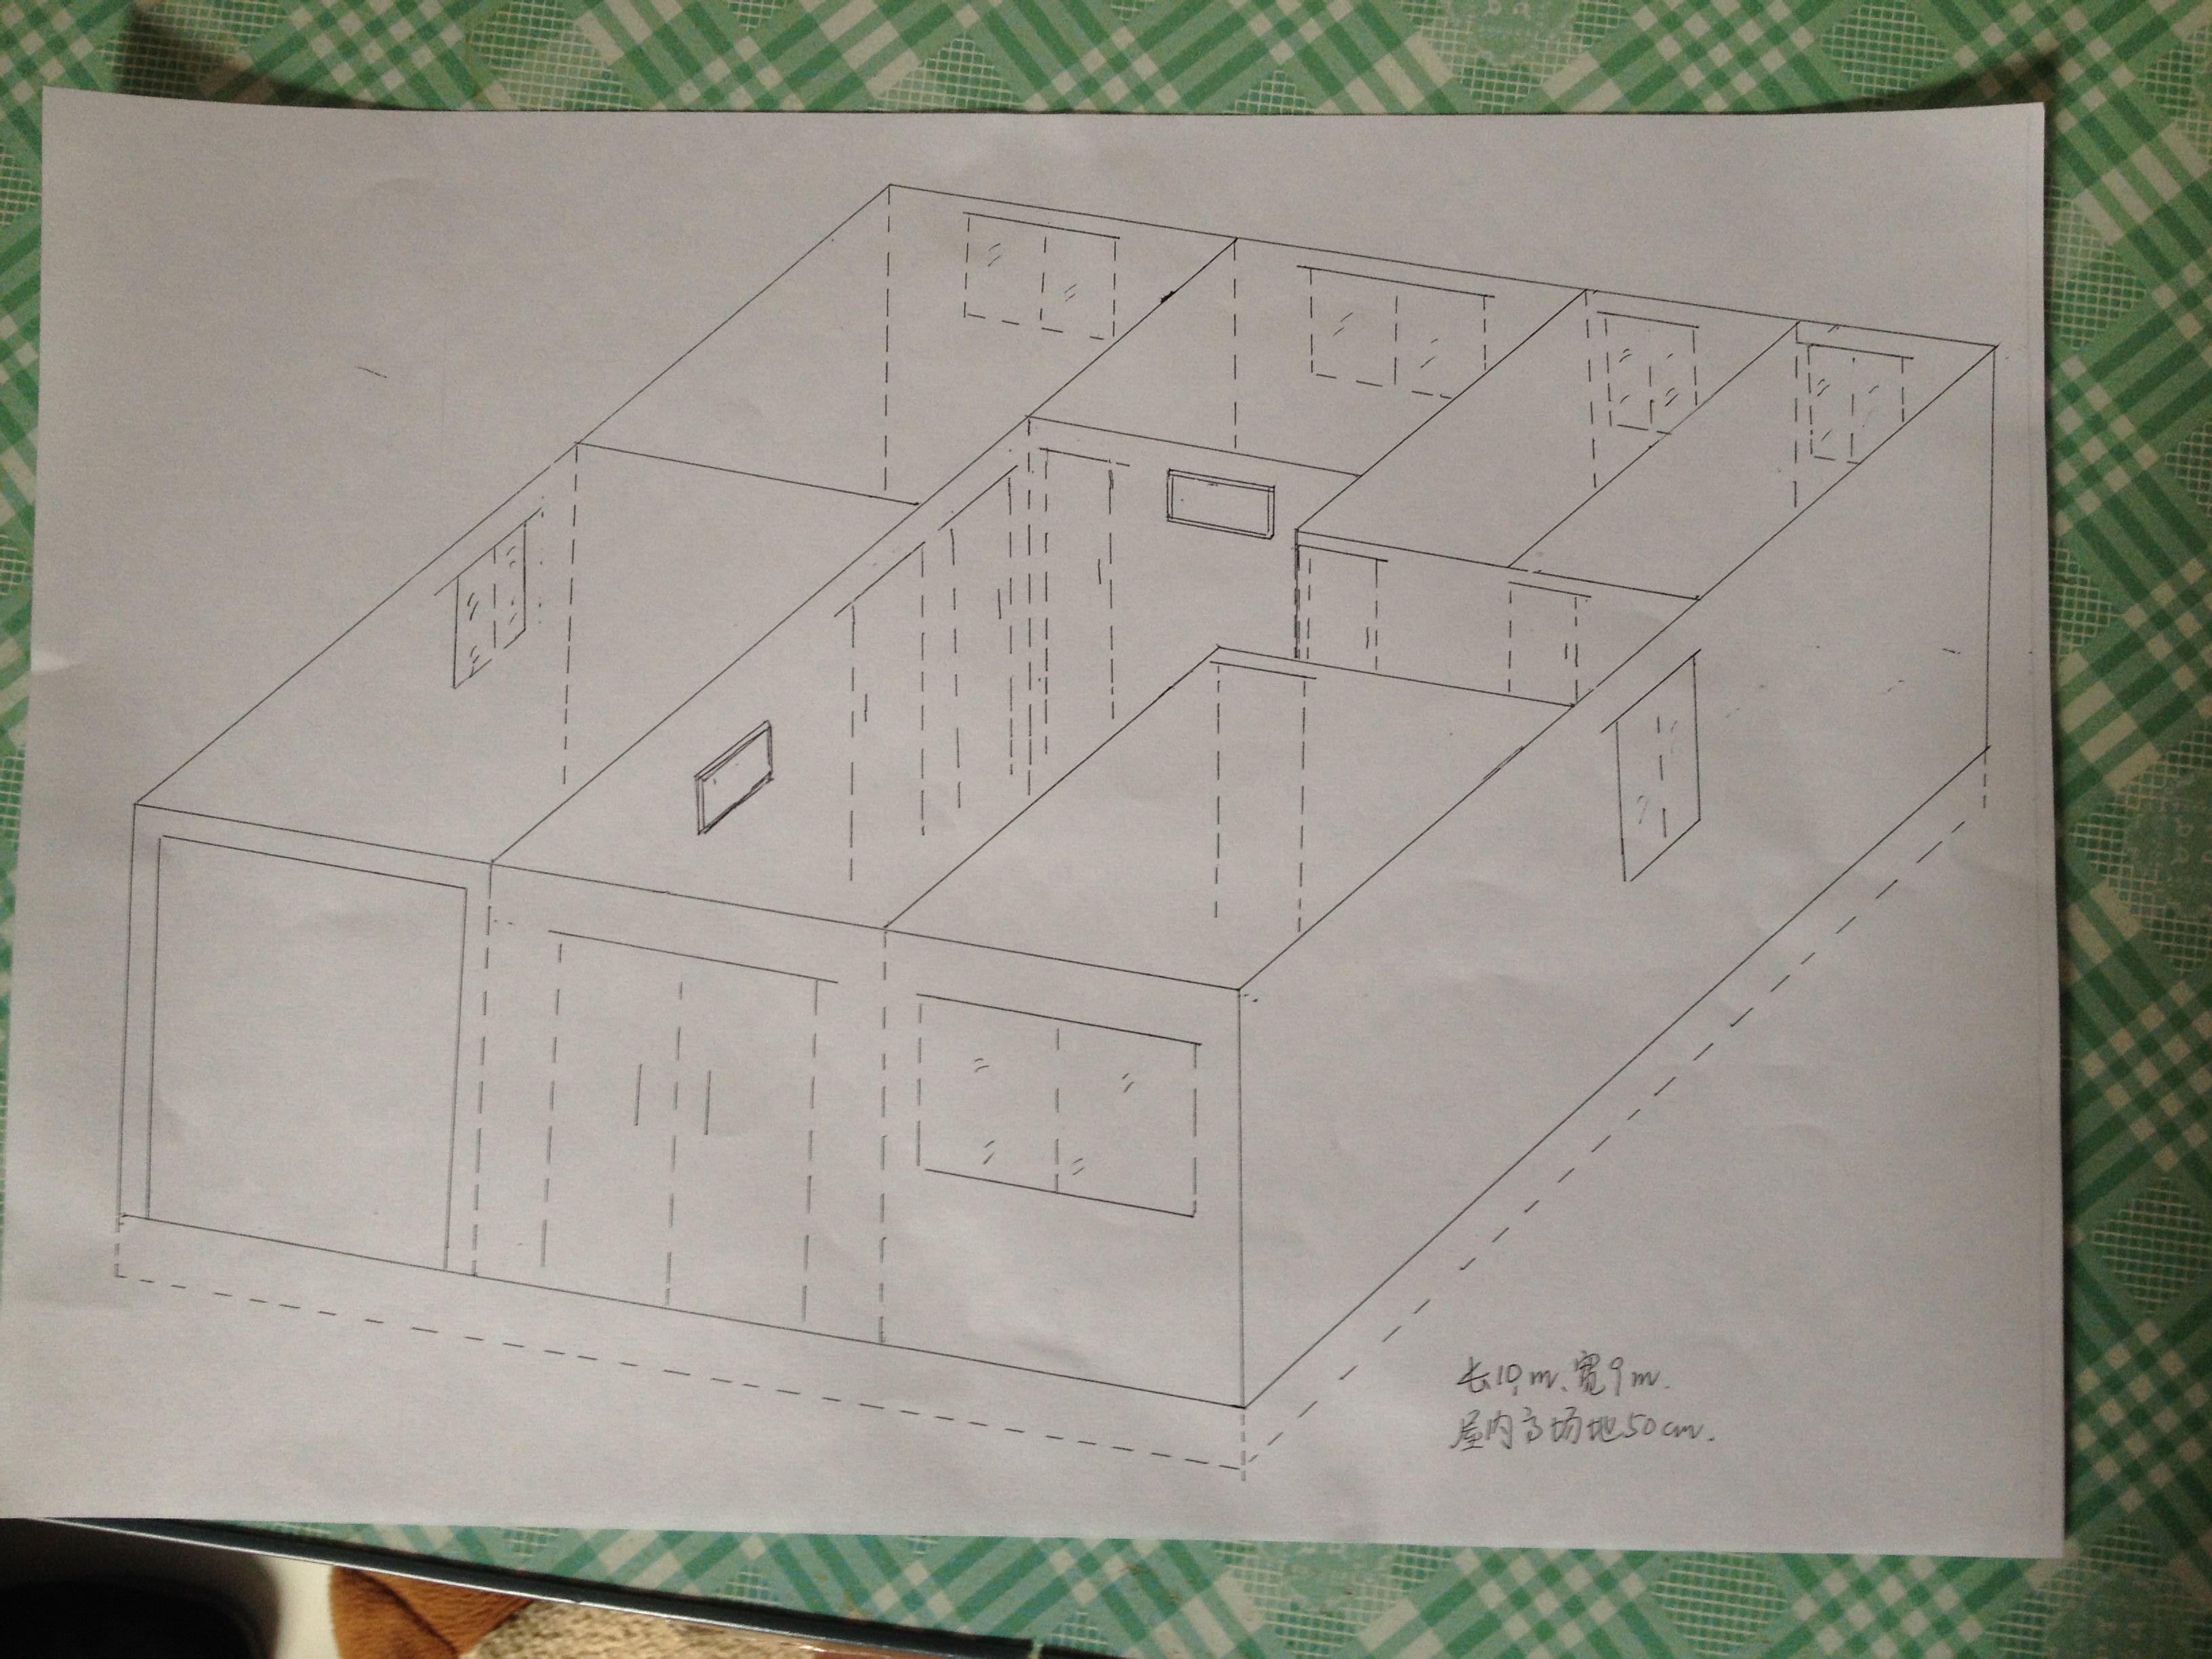 房子的平面图已经设计好了,想画出那种效果图来 高清图片